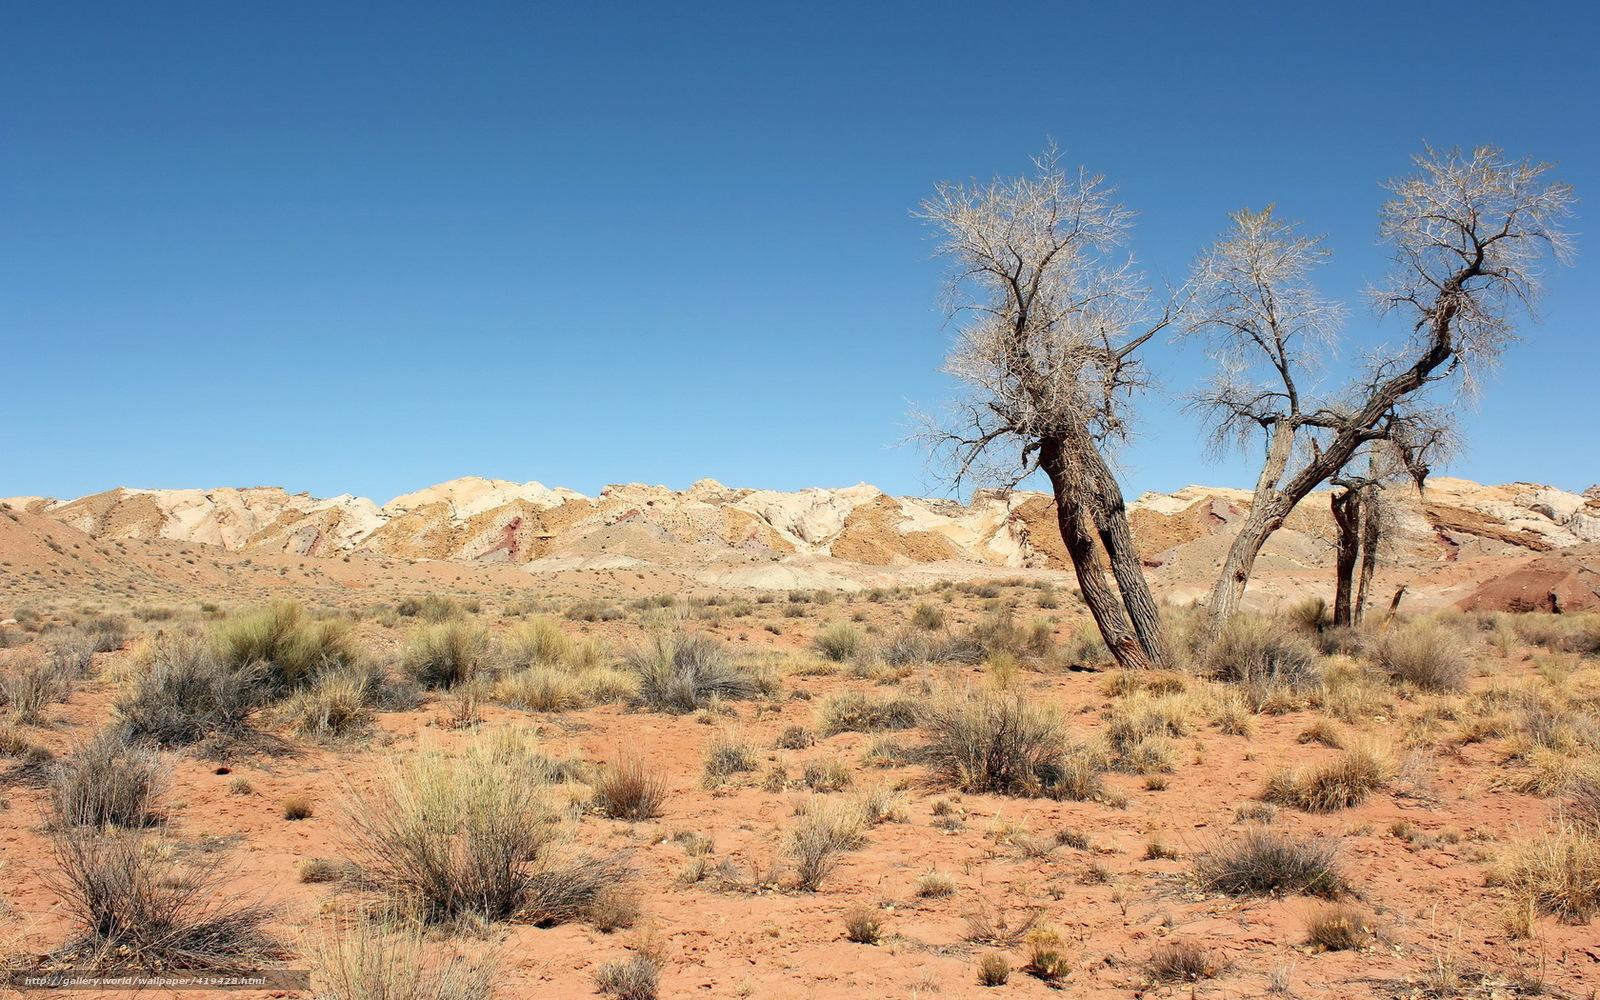 desert landscape wallpaper - photo #28